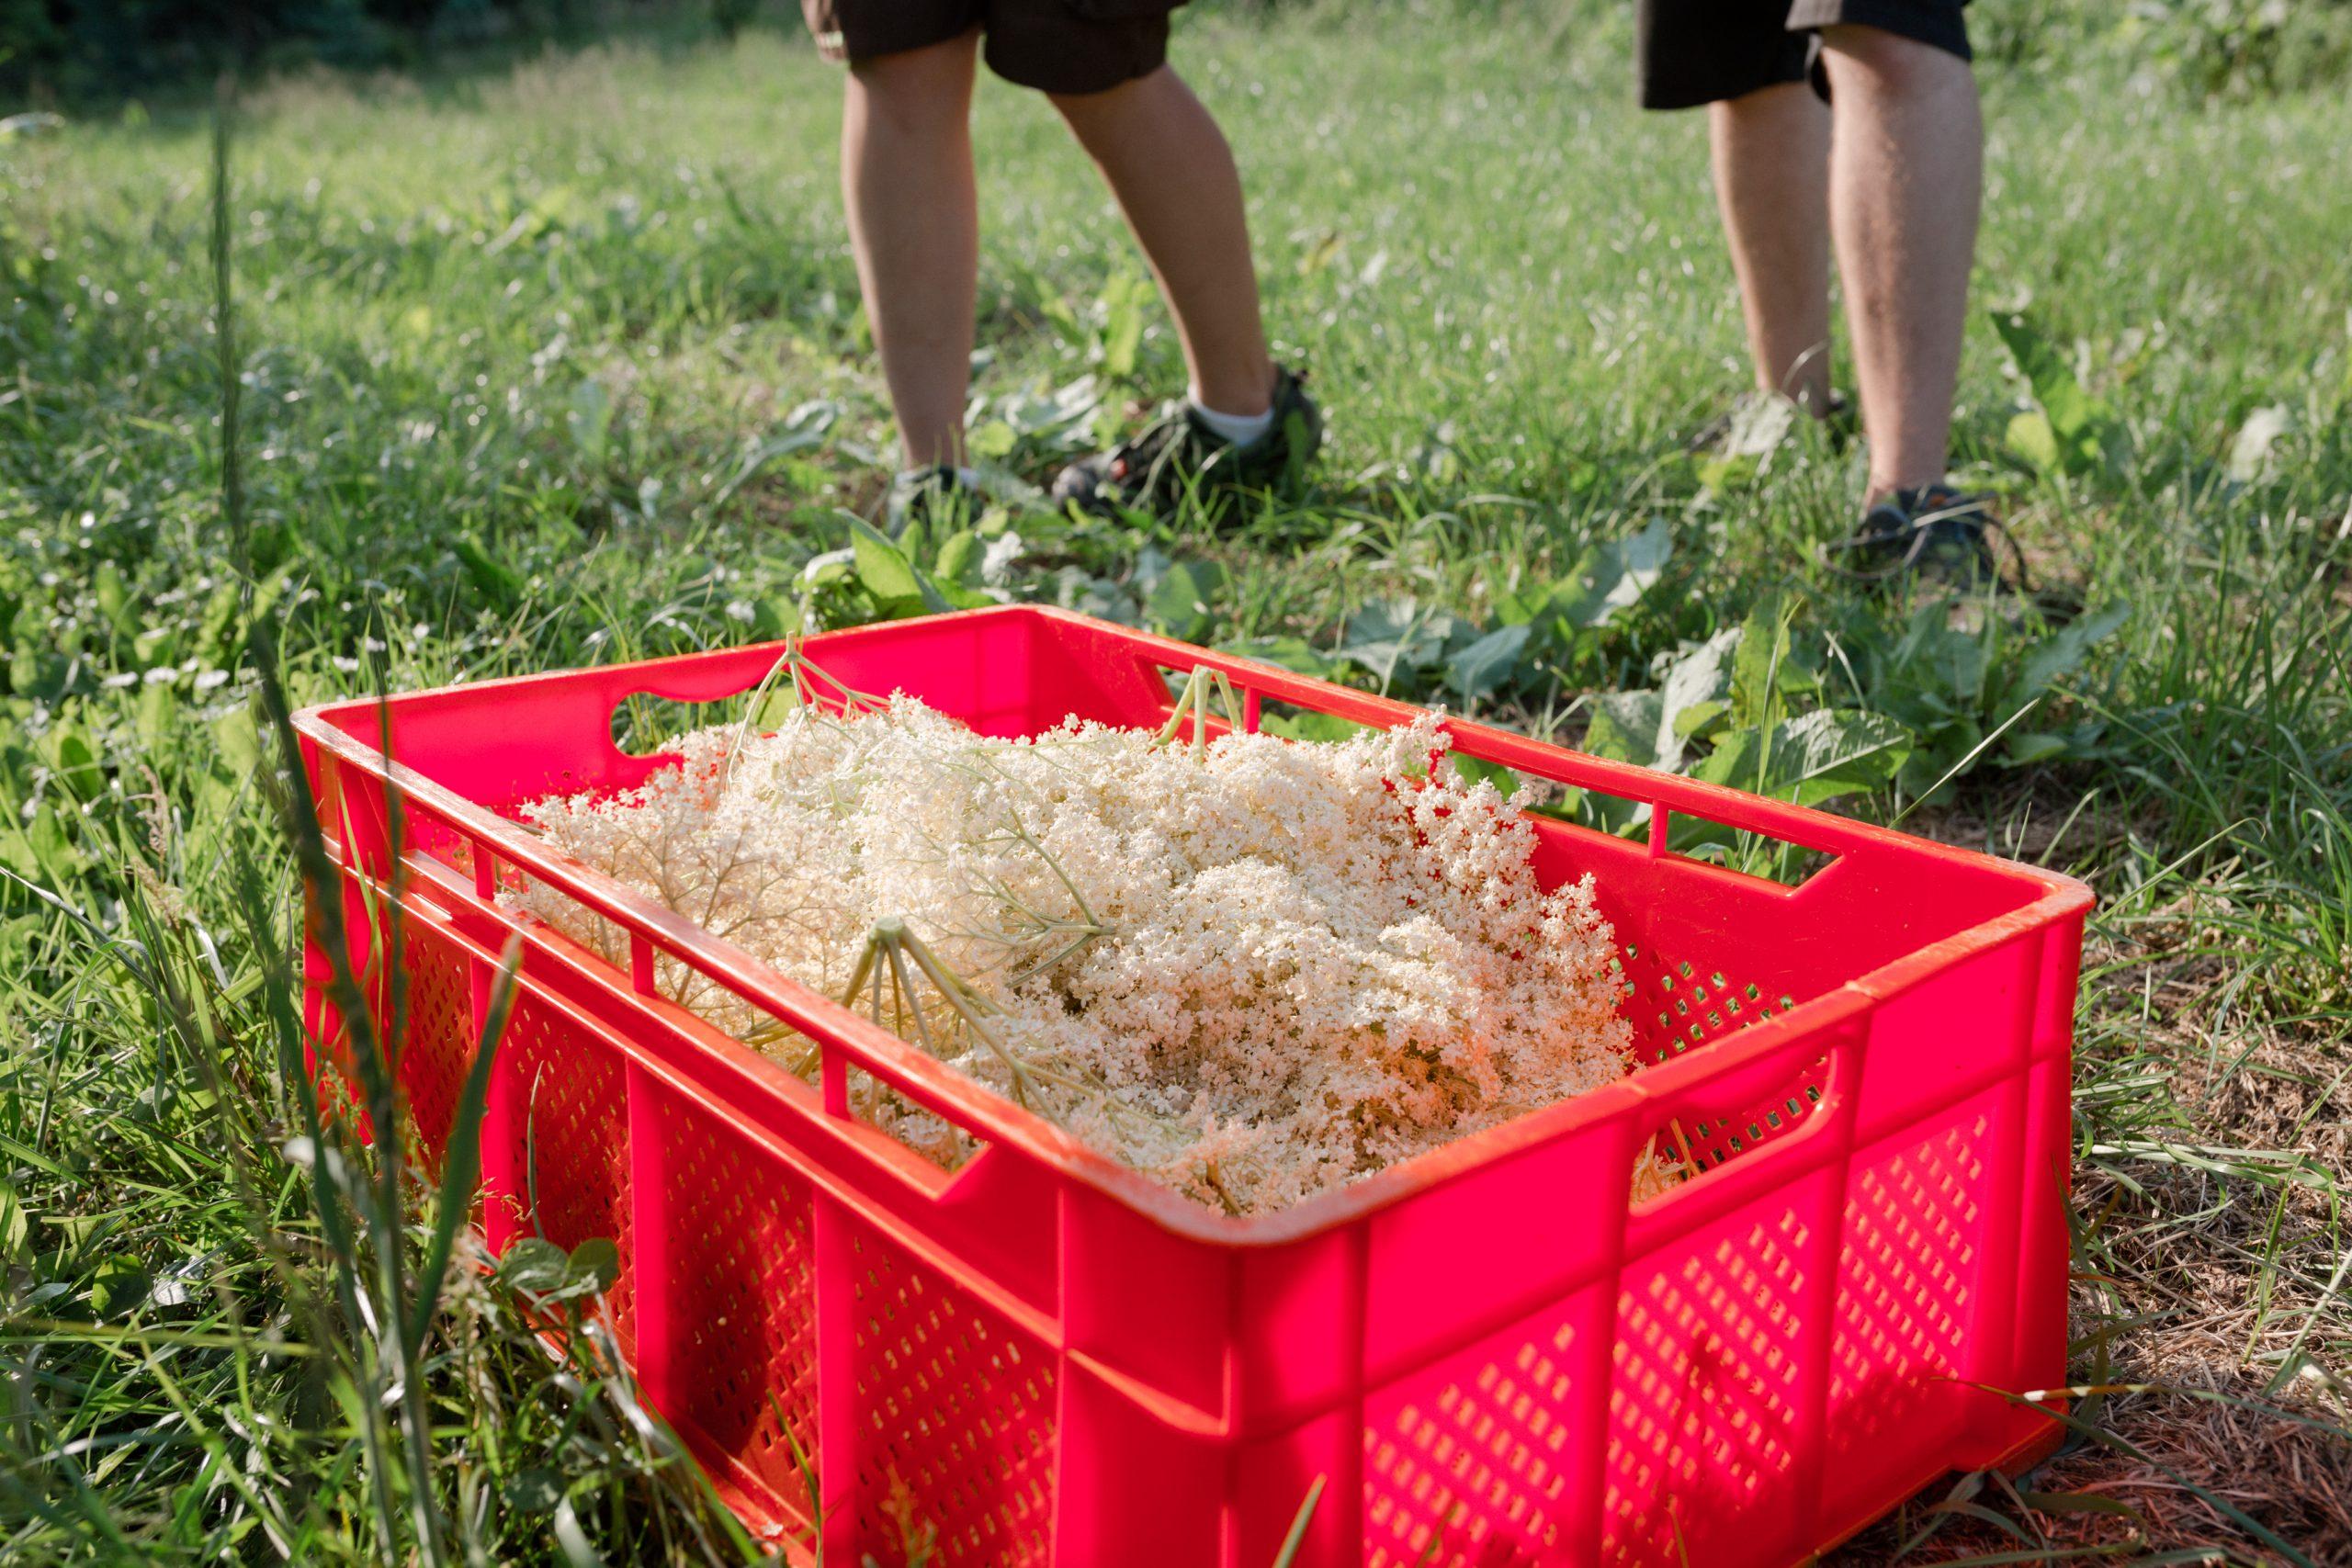 Holunderlbüten - Bio-Produkte vom Bauernhof